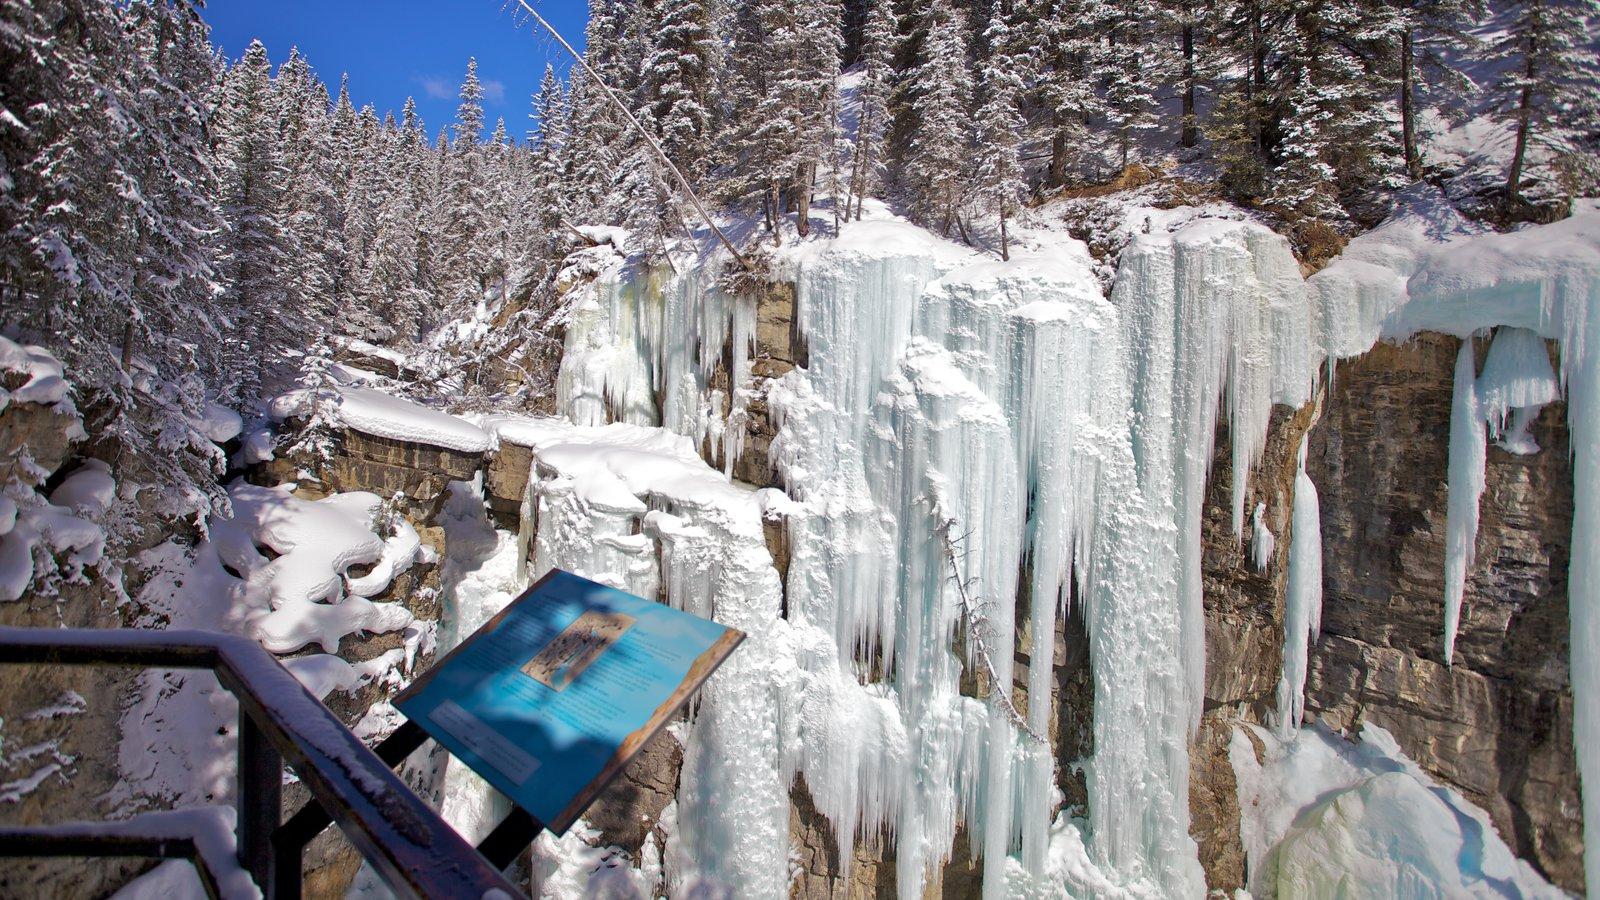 Johnston Canyon ofreciendo un barranco o cañón, nieve y vistas de paisajes